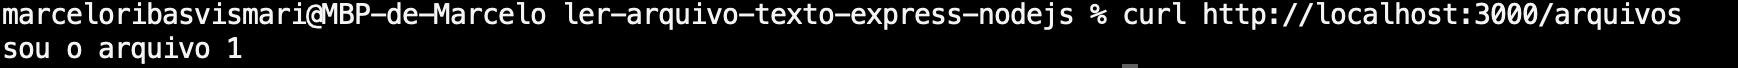 Resultado da requisição GET /arquivos